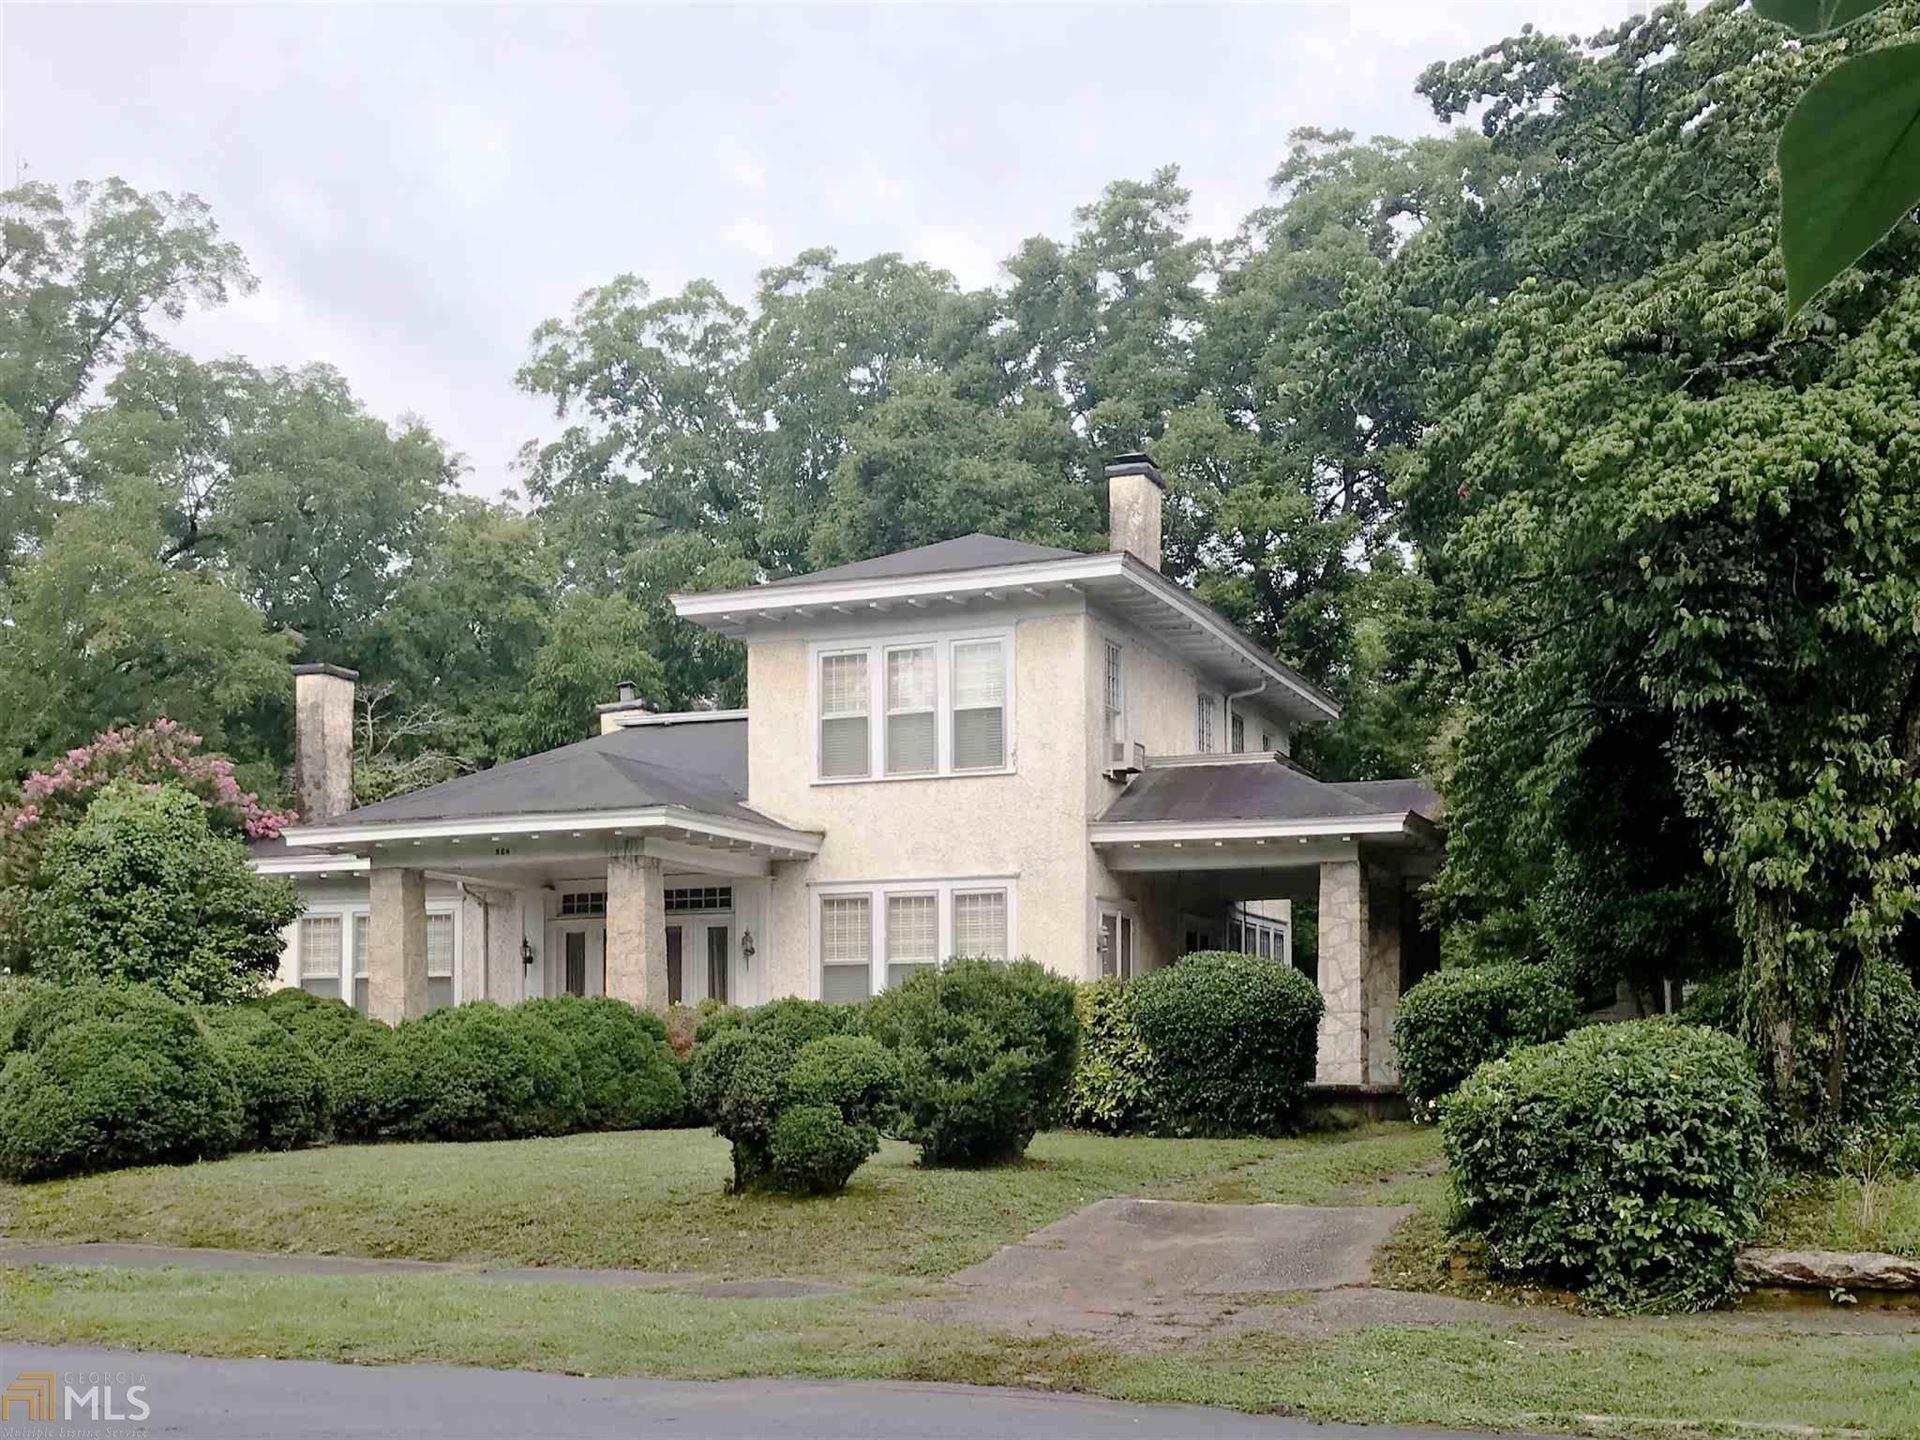 509 College St, Monticello, GA 31064 - #: 8811229